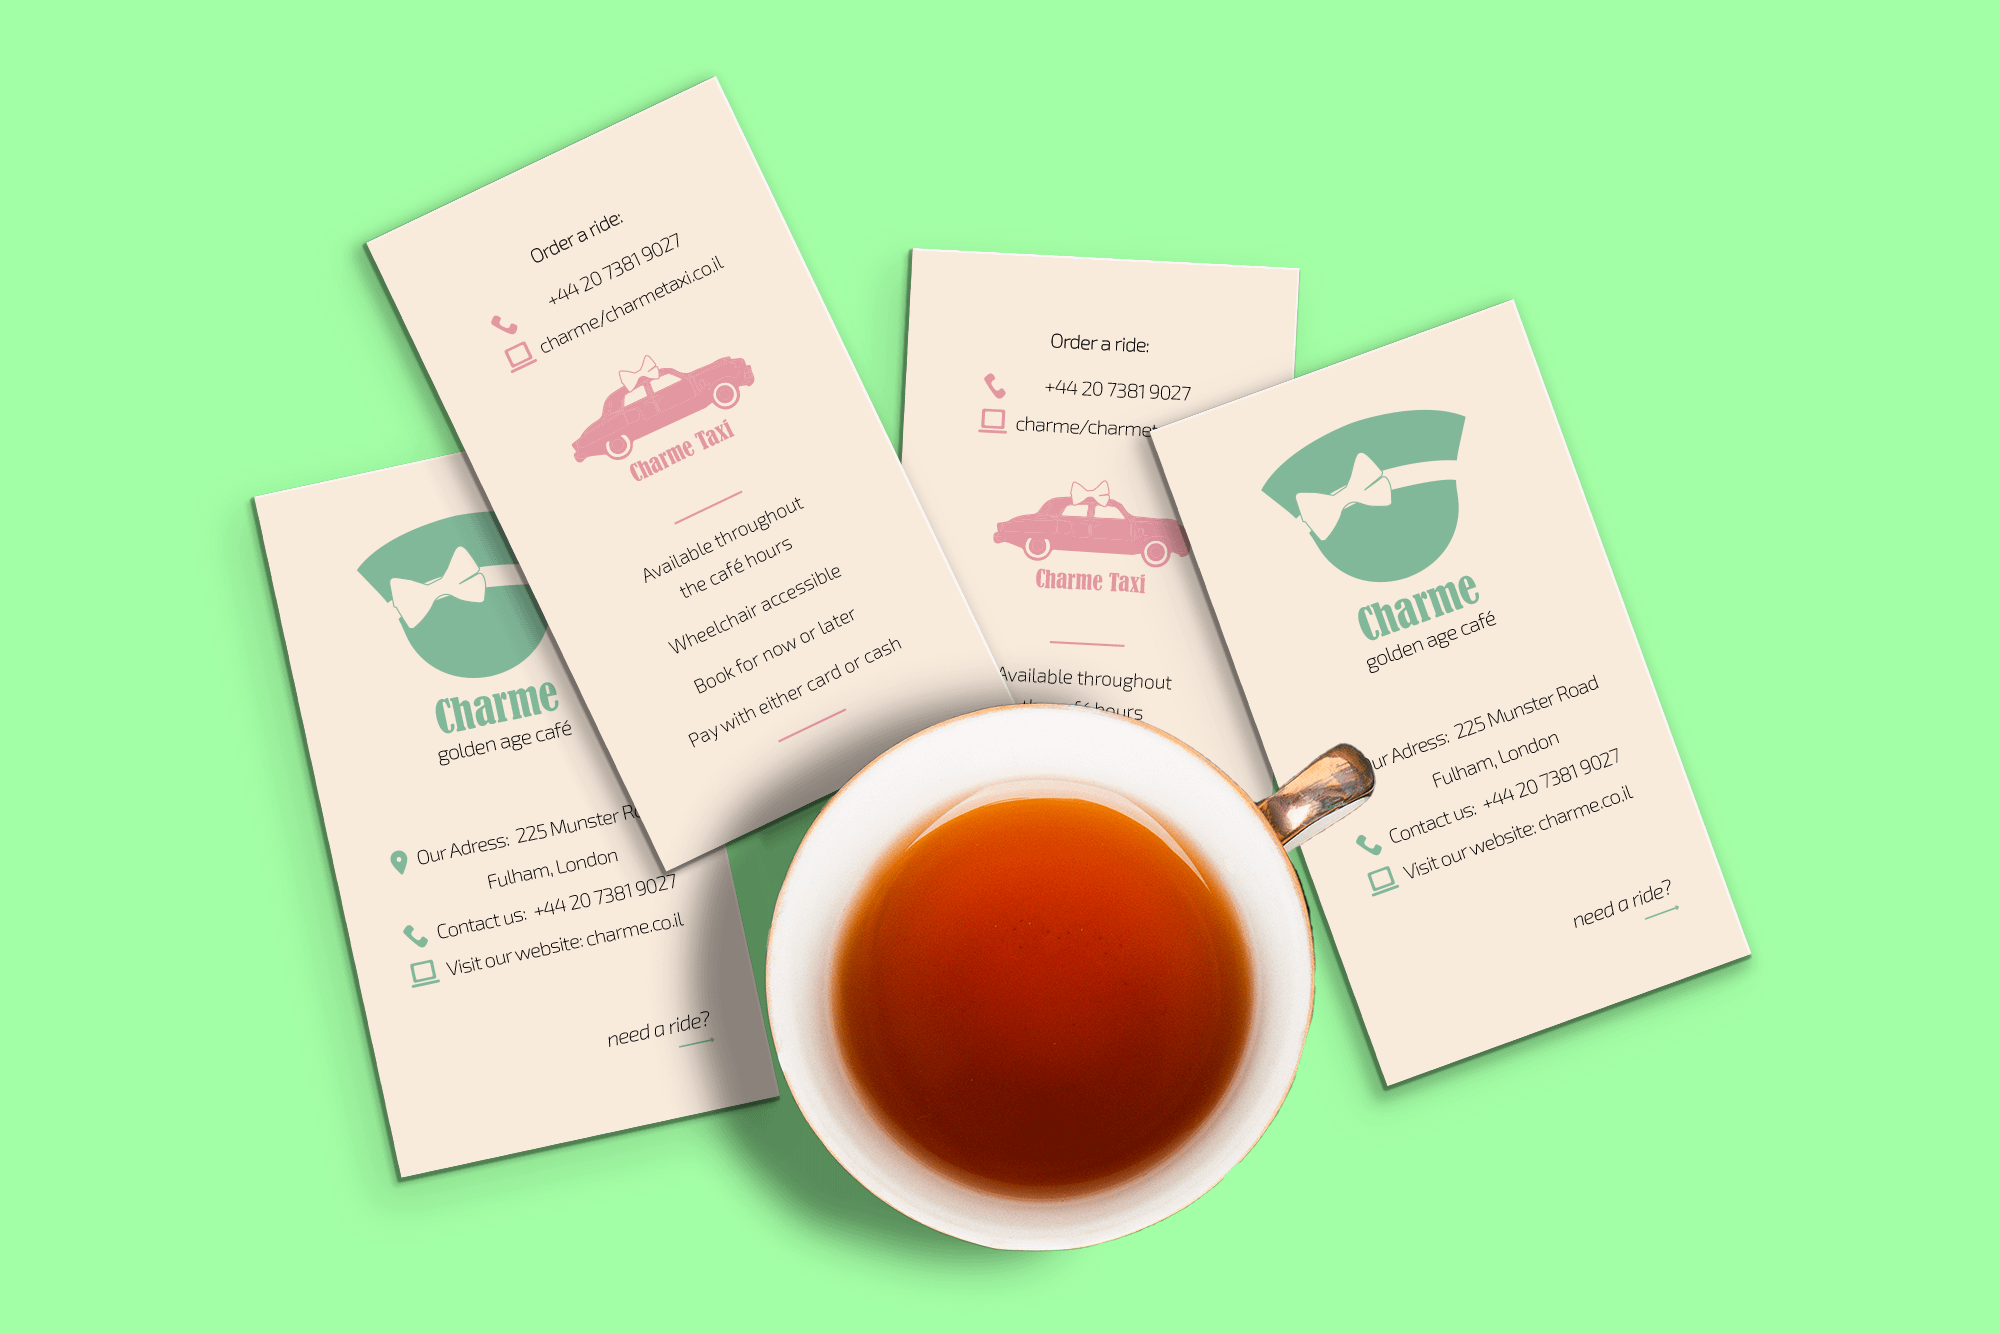 עיצוב בחינוך עיצוב גרפי CHARME מיתוג בית קפה תיק עבודות קטיה פובזנר